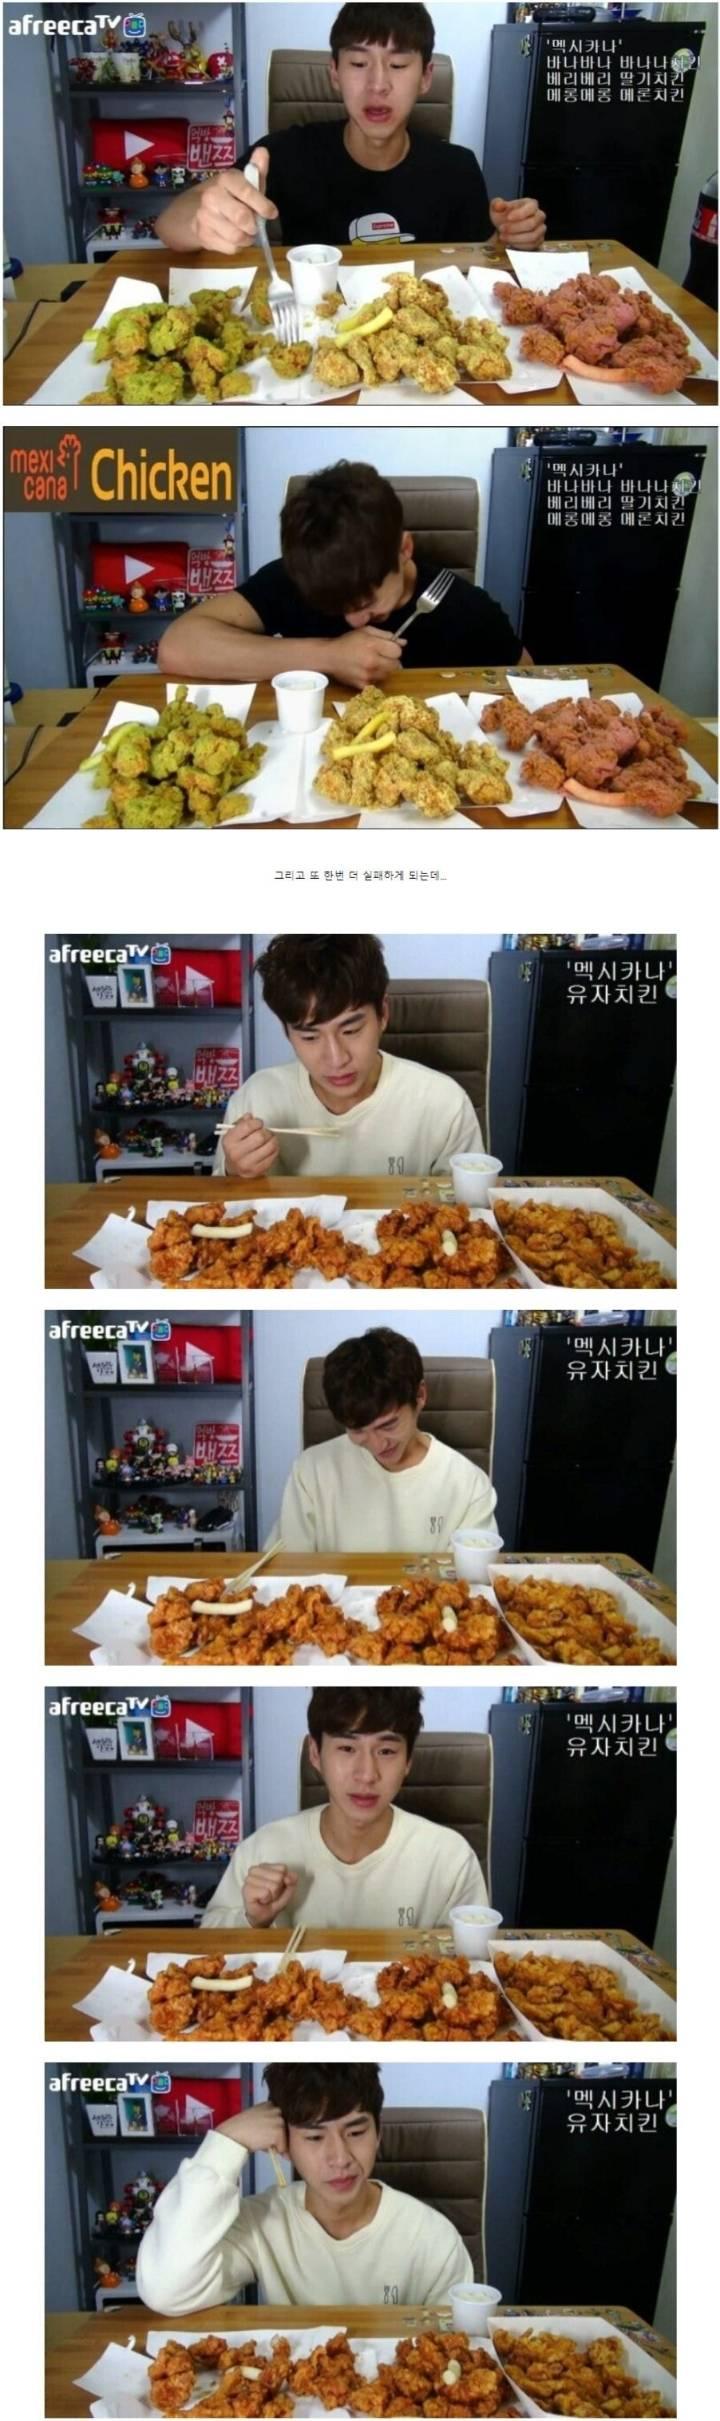 먹방 BJ도 포기한 두 음식.JPG | 인스티즈